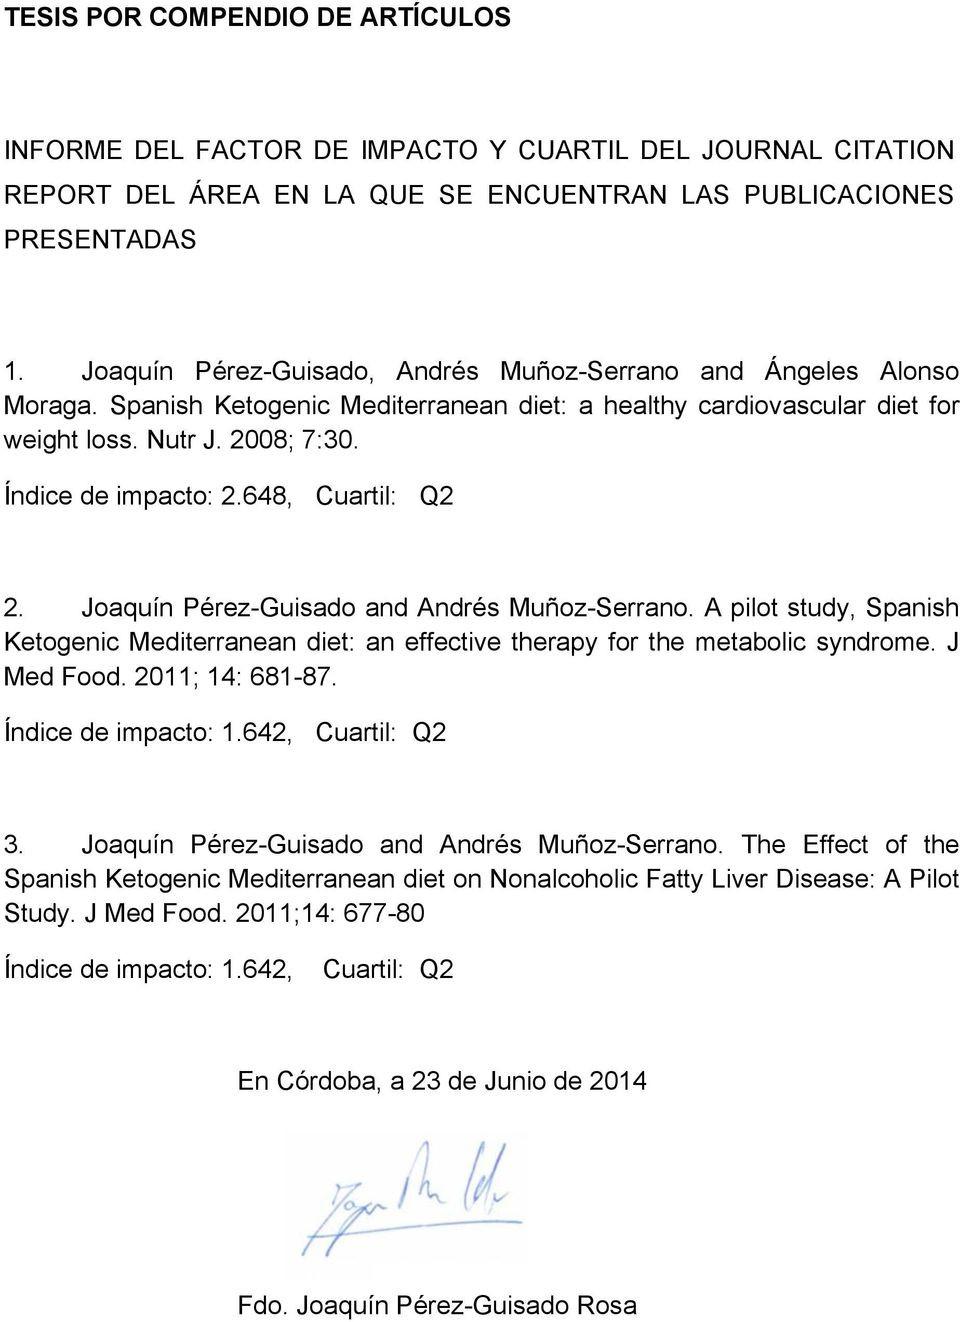 Spanish Ketogenic Mediterranean Diet  TITULO Las tas cetogénicas potenciales efectos